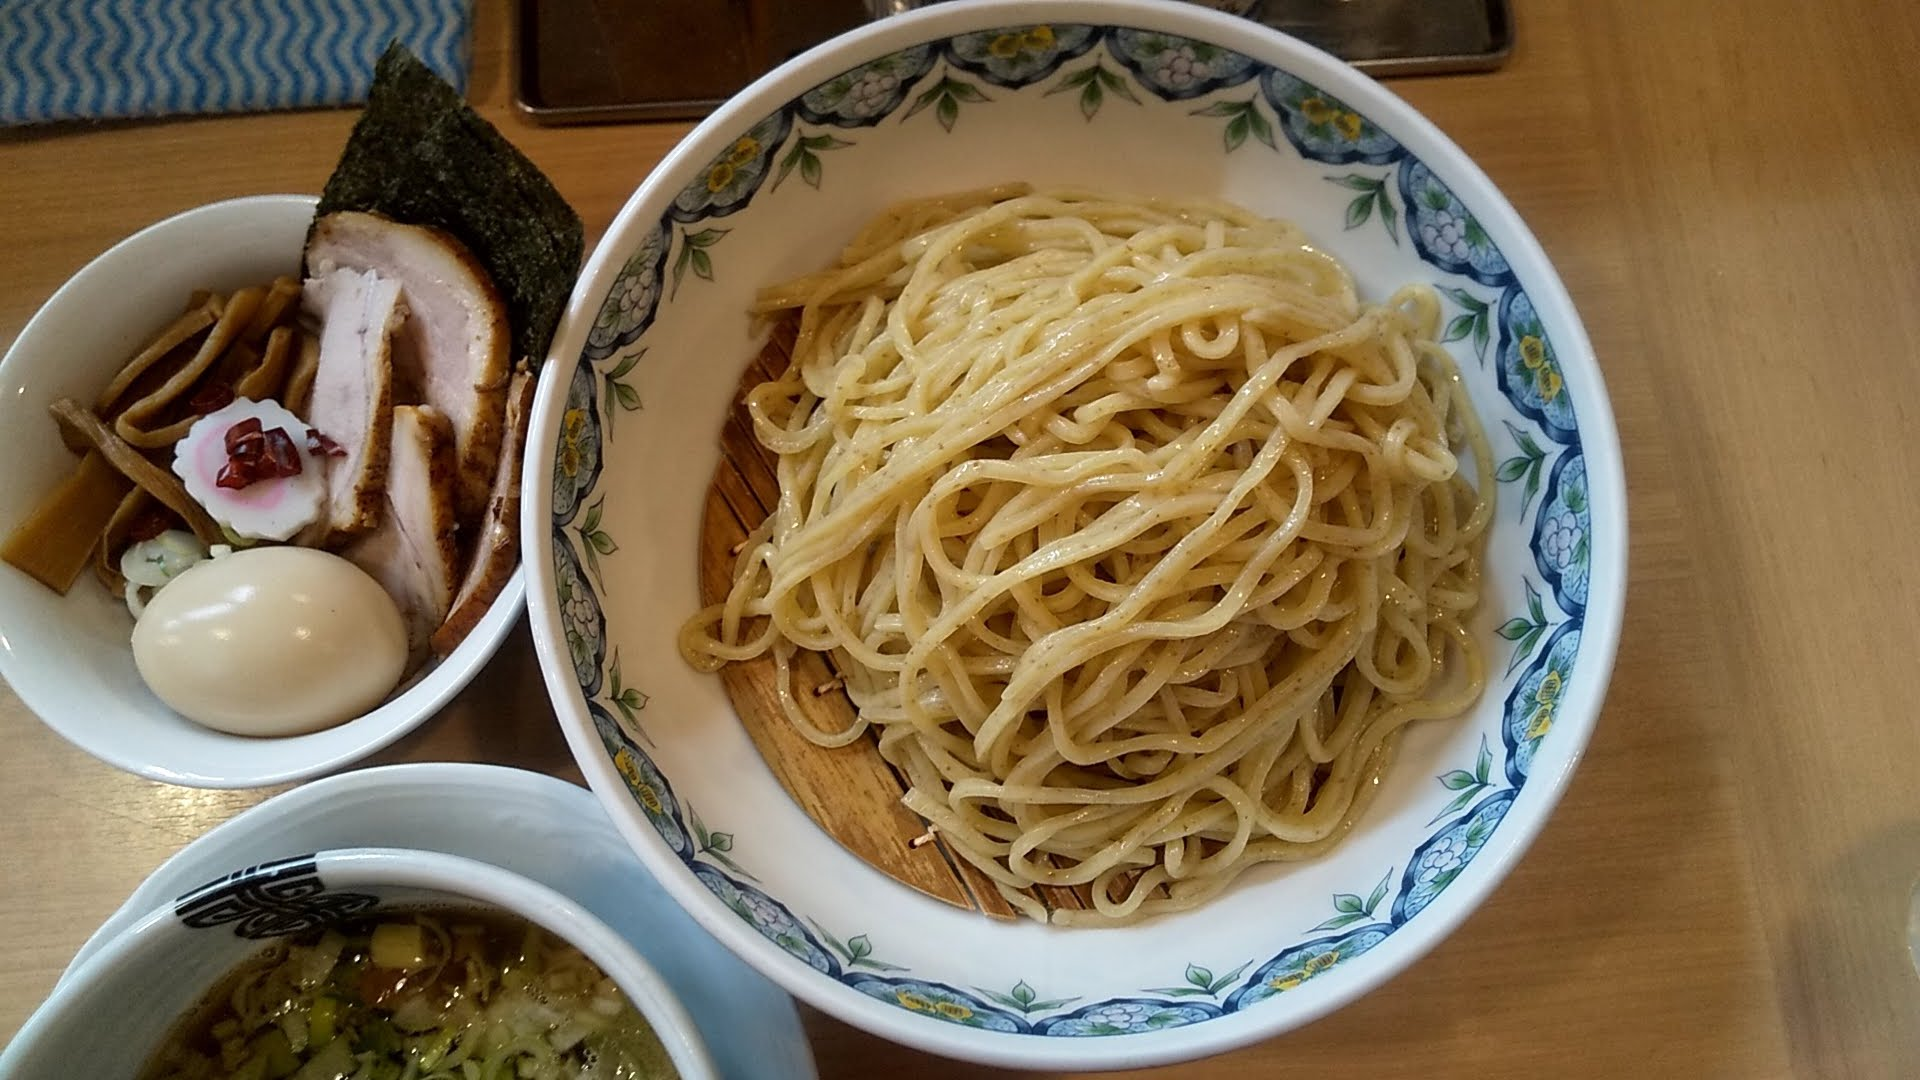 多賀野の特製つけ麺の麺皿とトッピングの写真